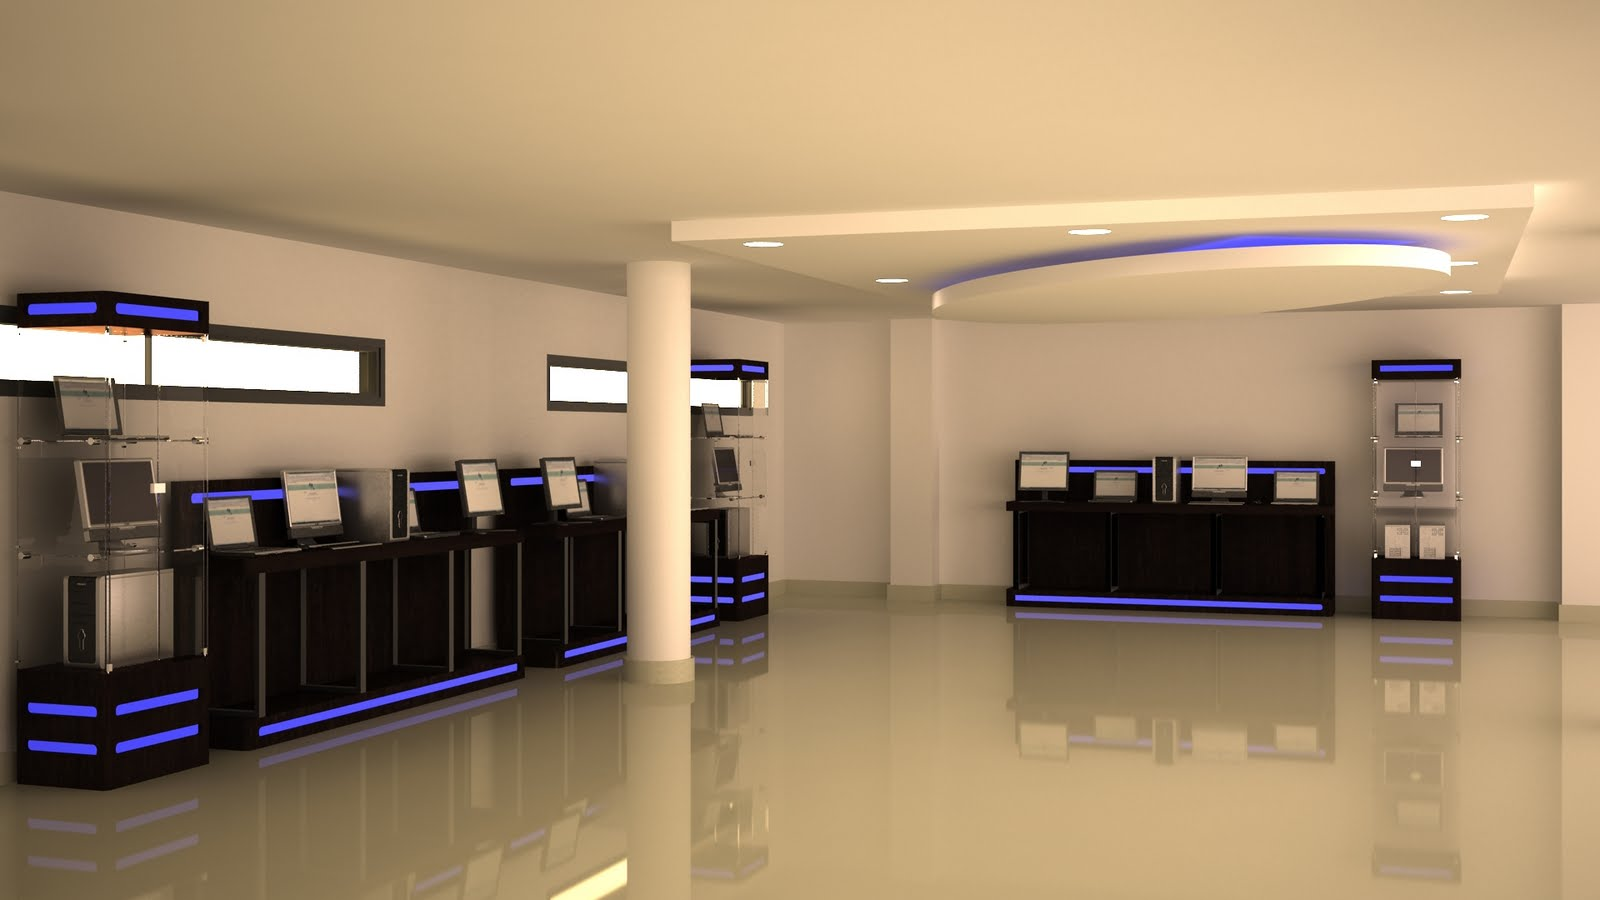 Bdc designs dise o 3d de muebles para tienda de tecnologia for Diseno de muebles 3d